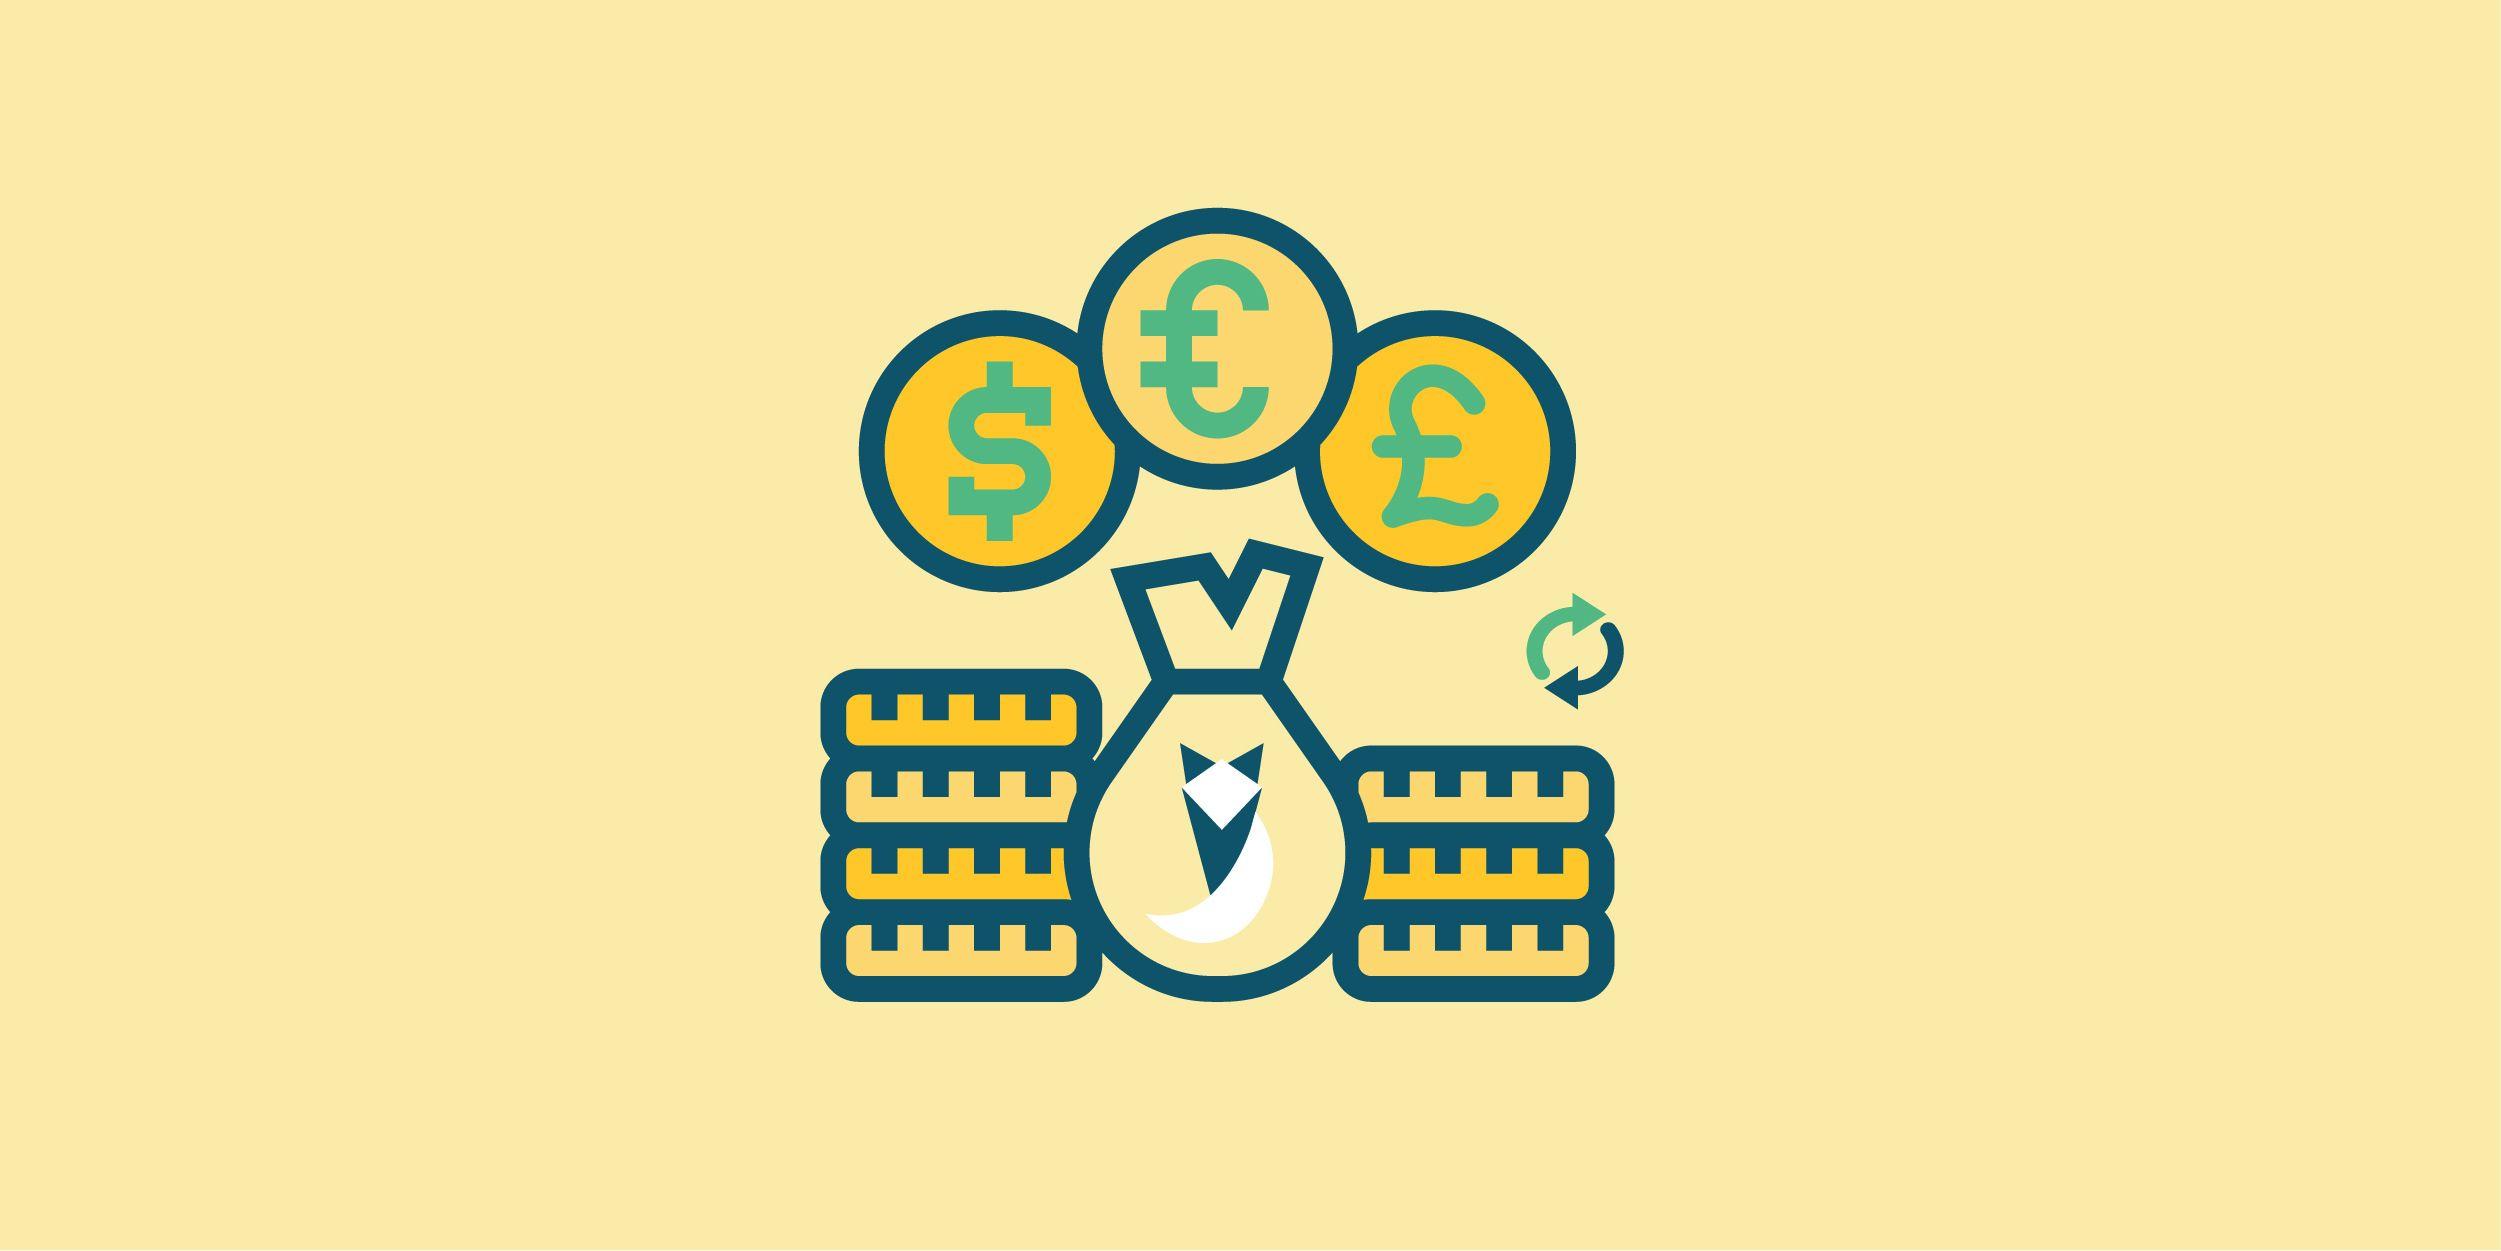 أسعار العملات الأجنبية اليوم: الأحد 20 يونيو 2021